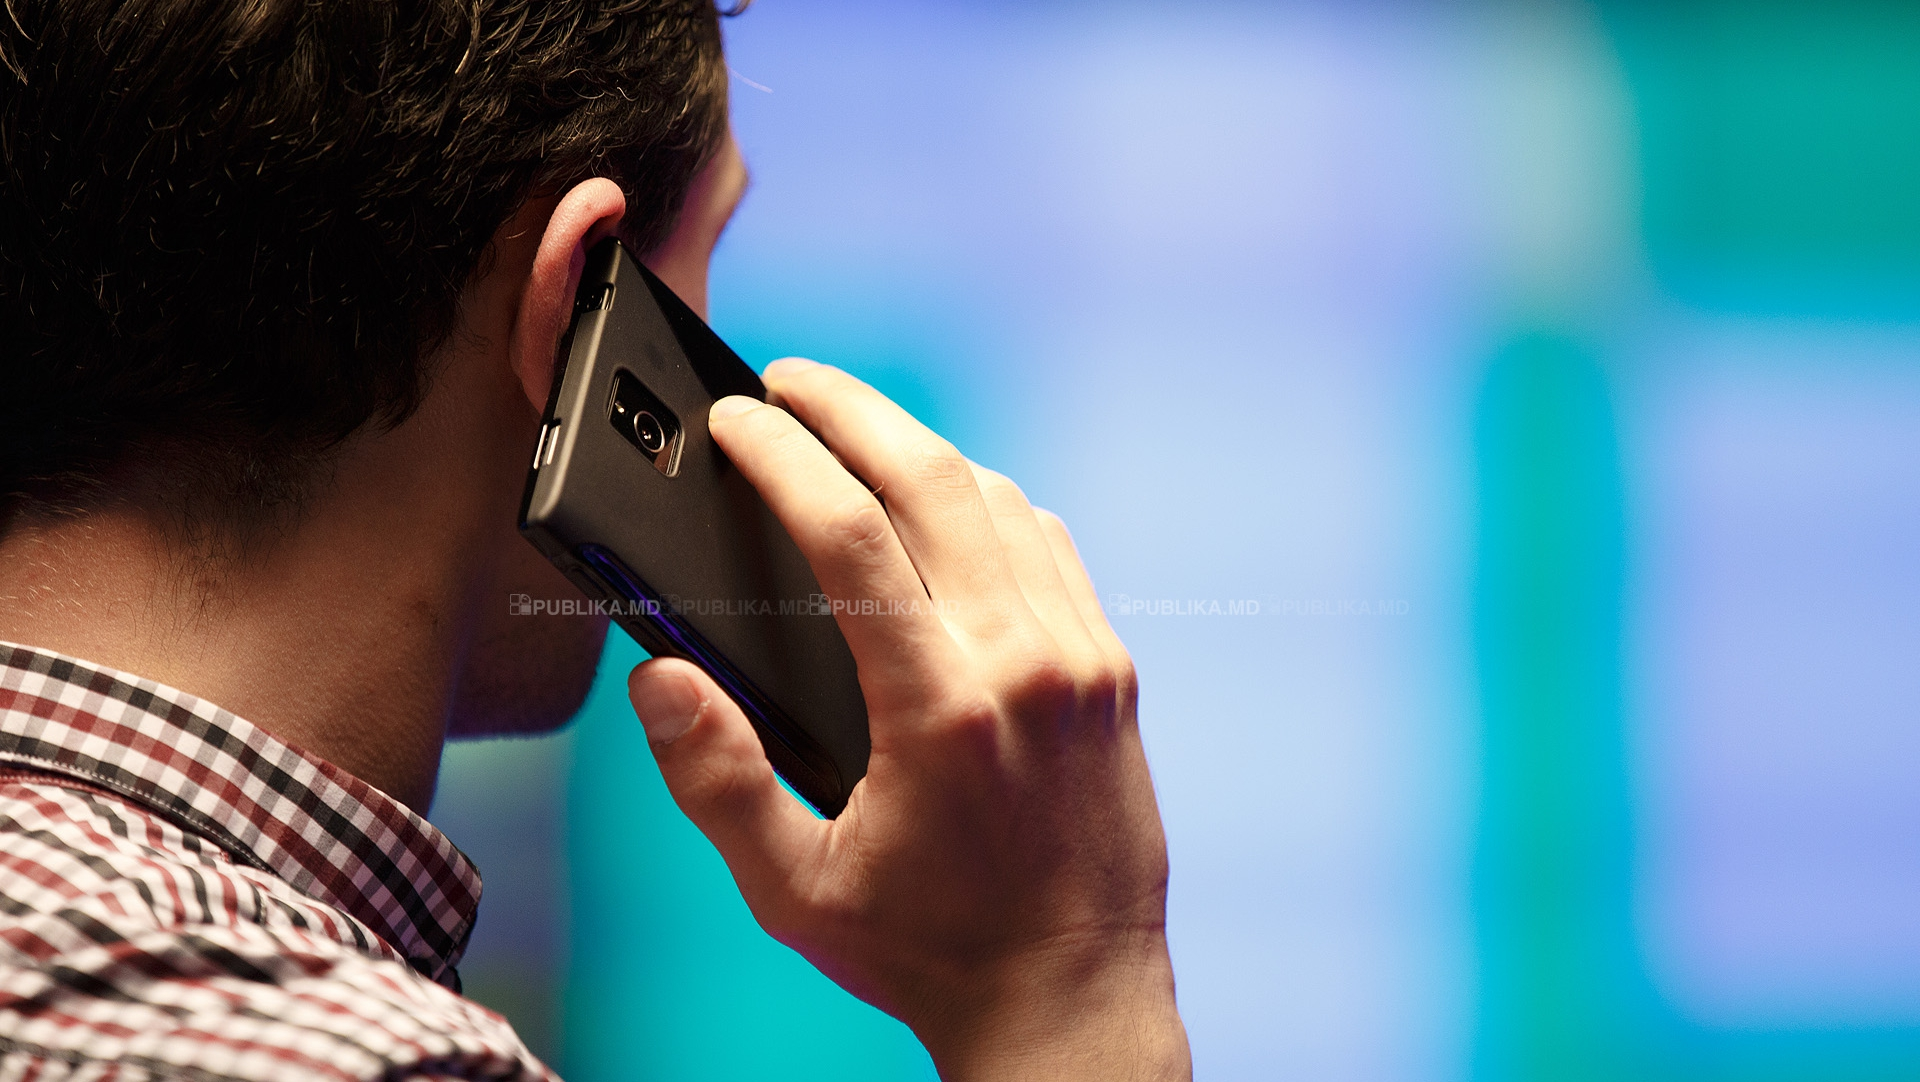 ларьки картинка звонок по мобильному телефону свою очередь, выбранный